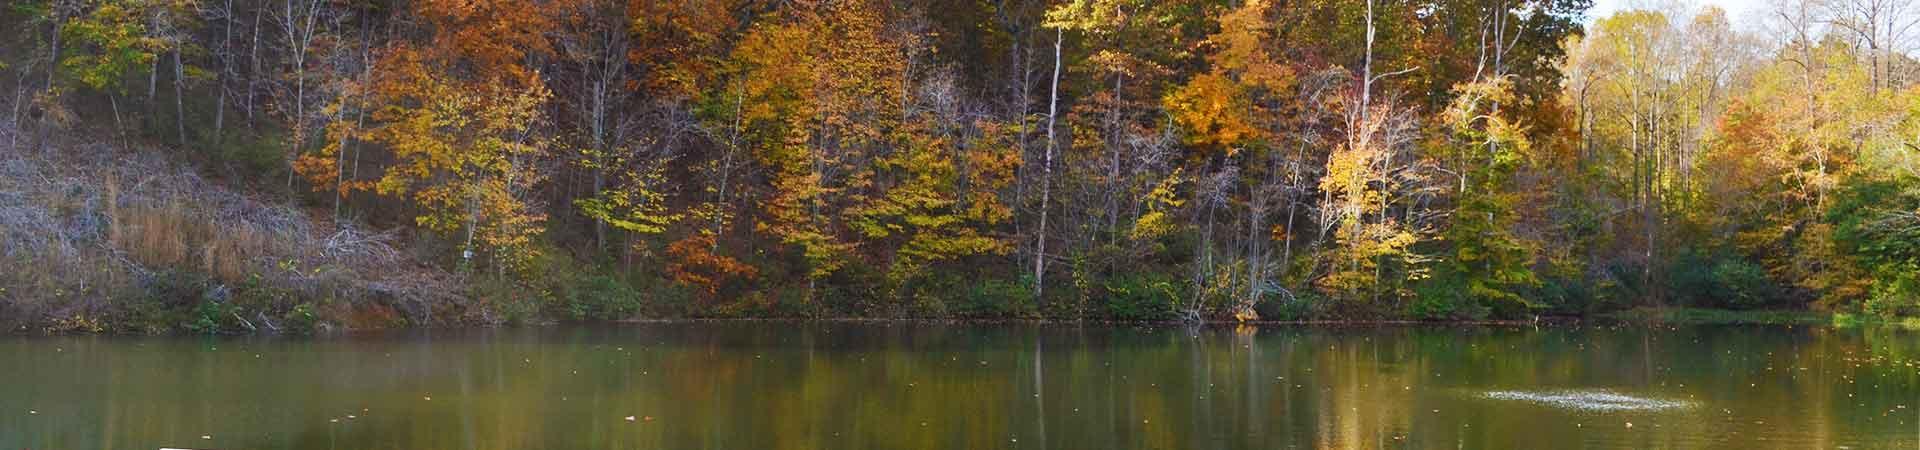 Lake and Treeline